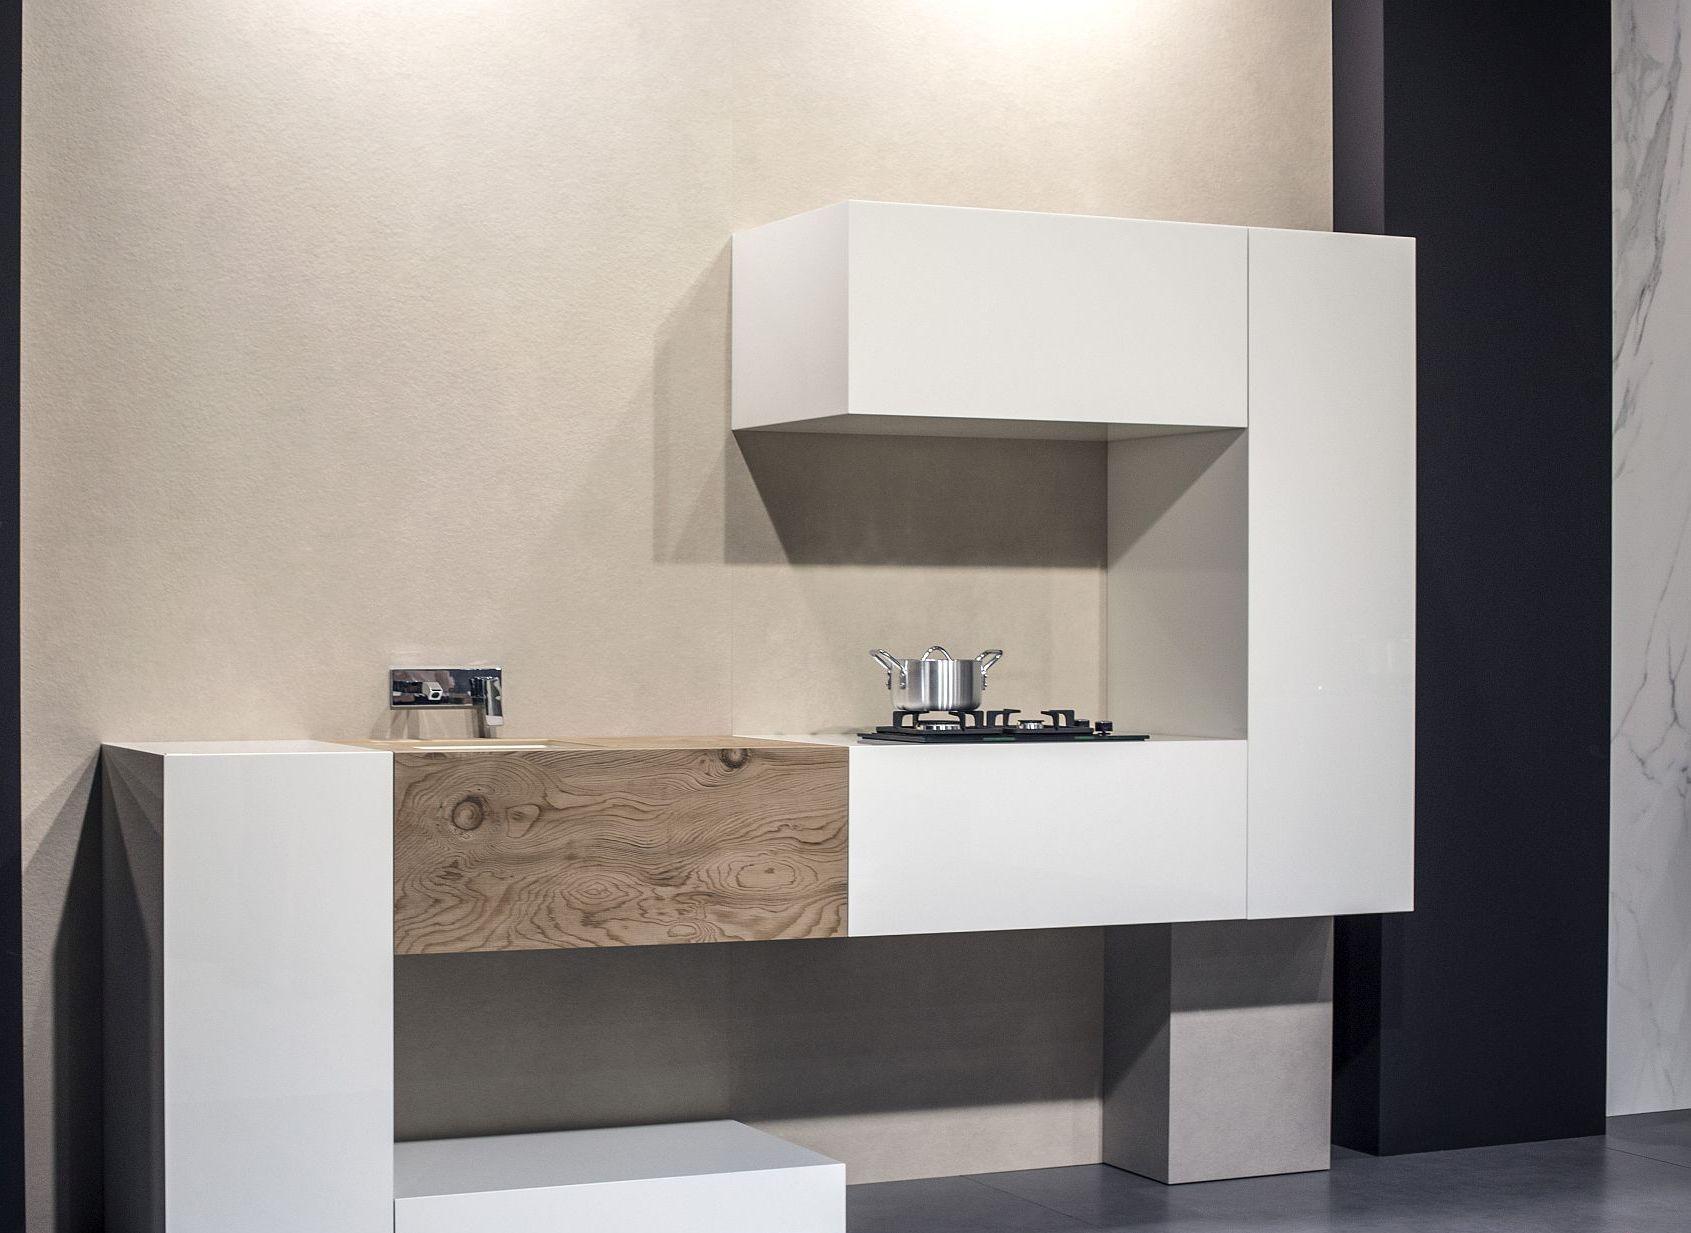 Дизайнмебели для маленькой кухни: небольшой гарнитур